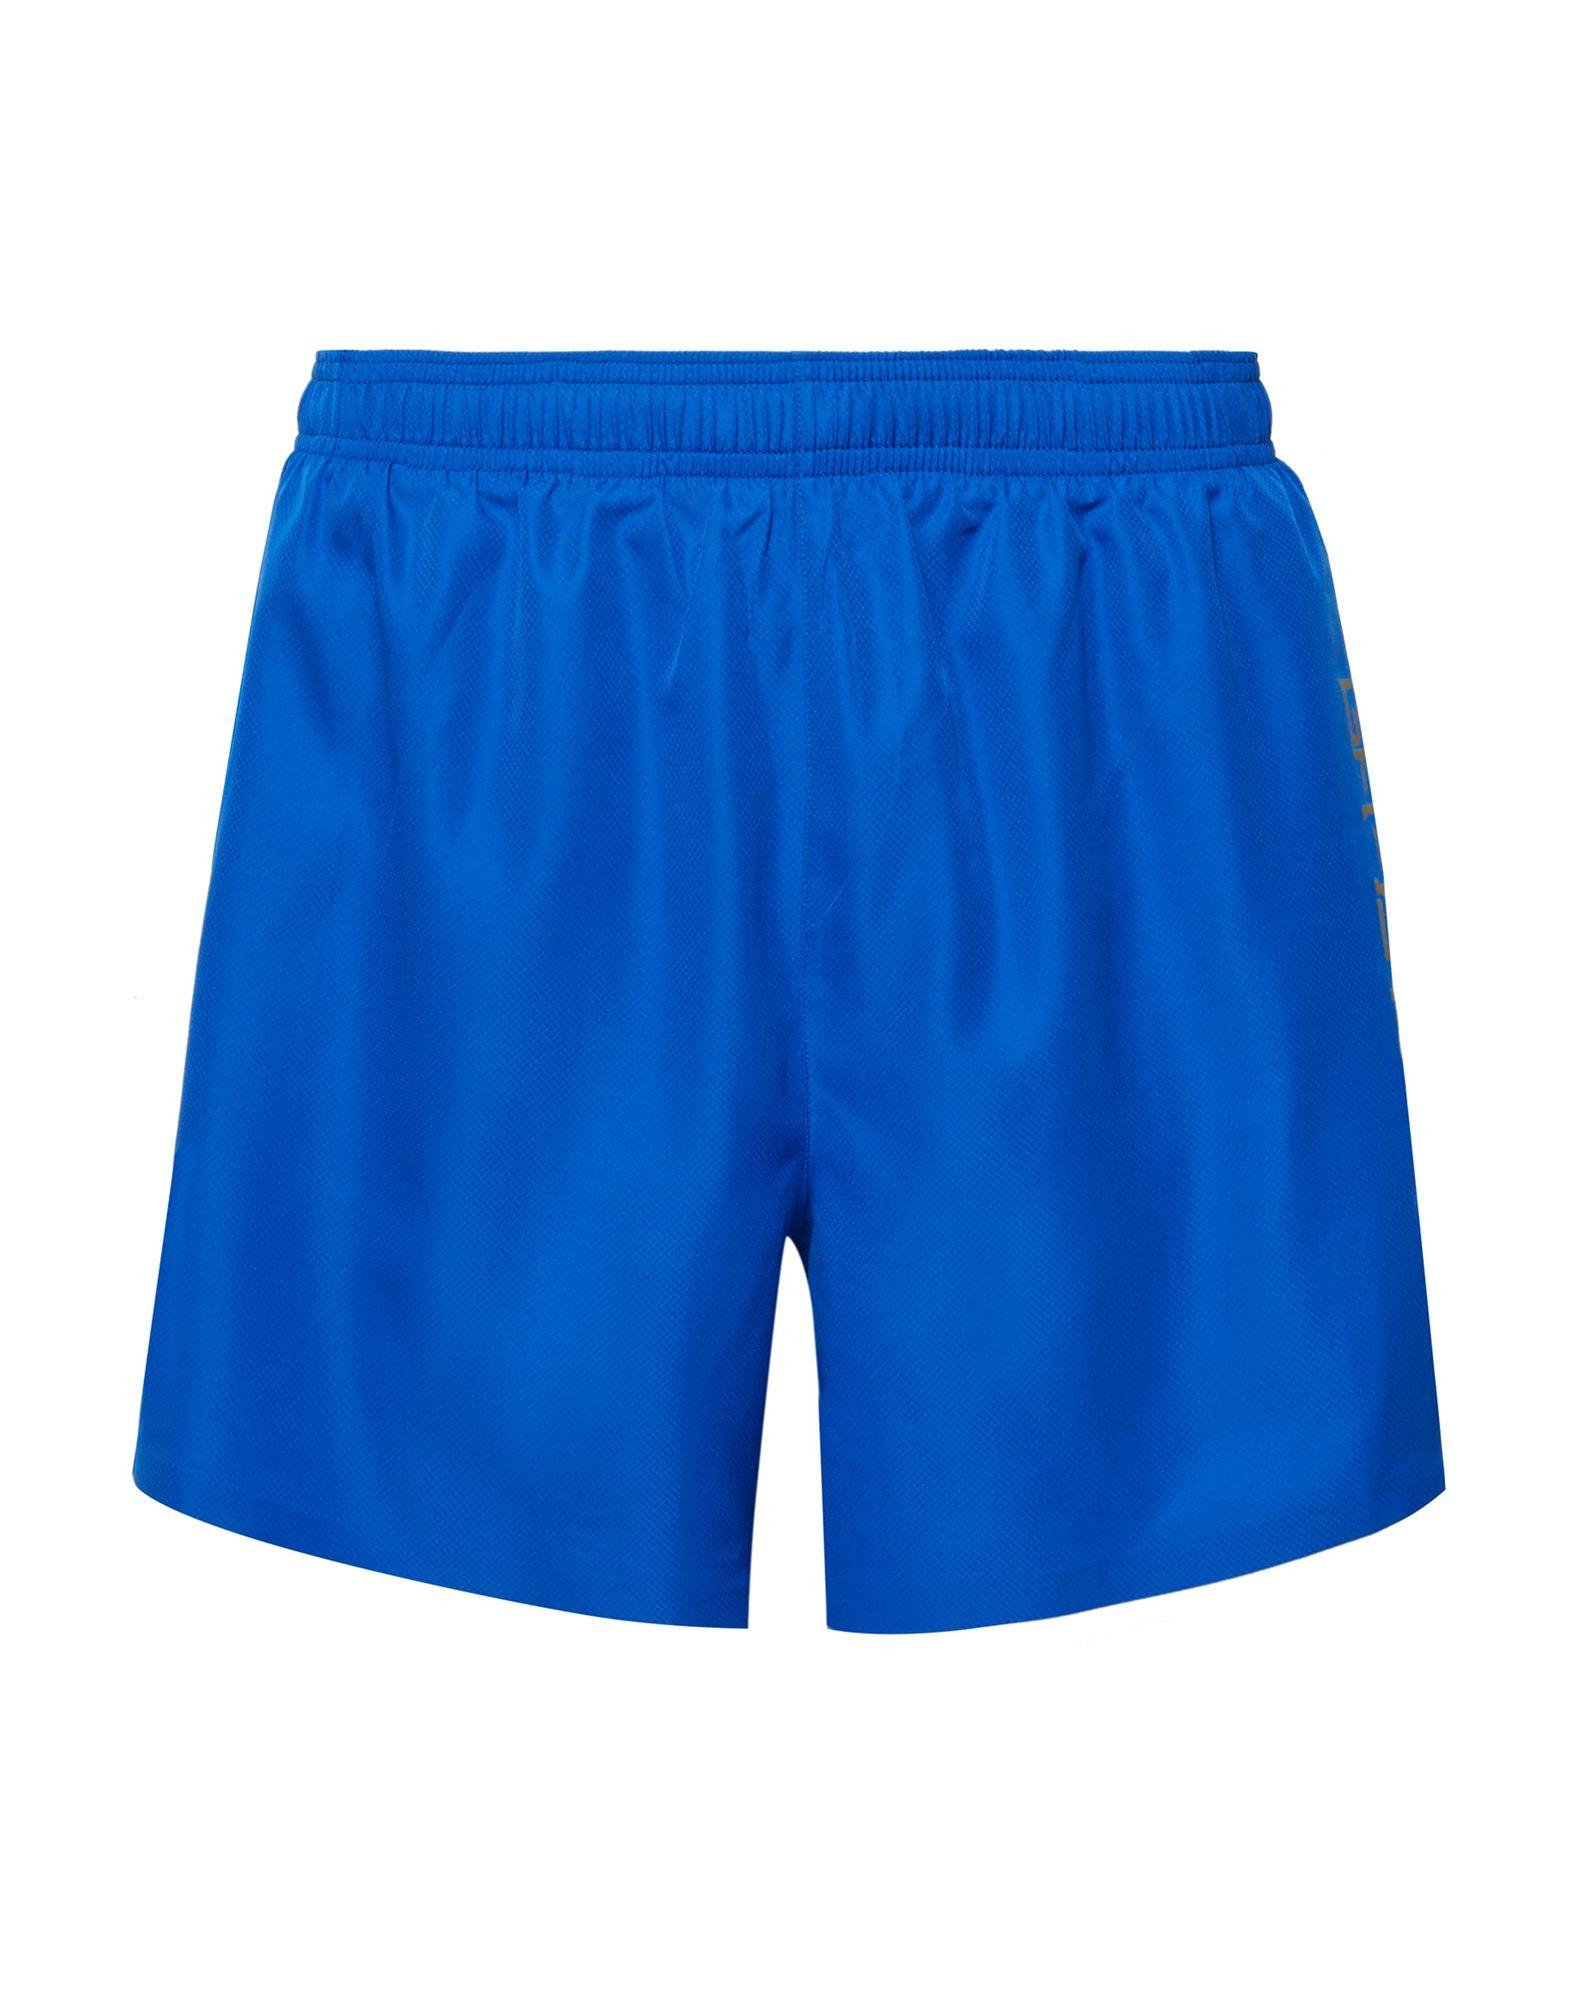 《セール開催中》2XU メンズ ショートパンツ ブライトブルー M ポリエステル 100% / ポリウレタン